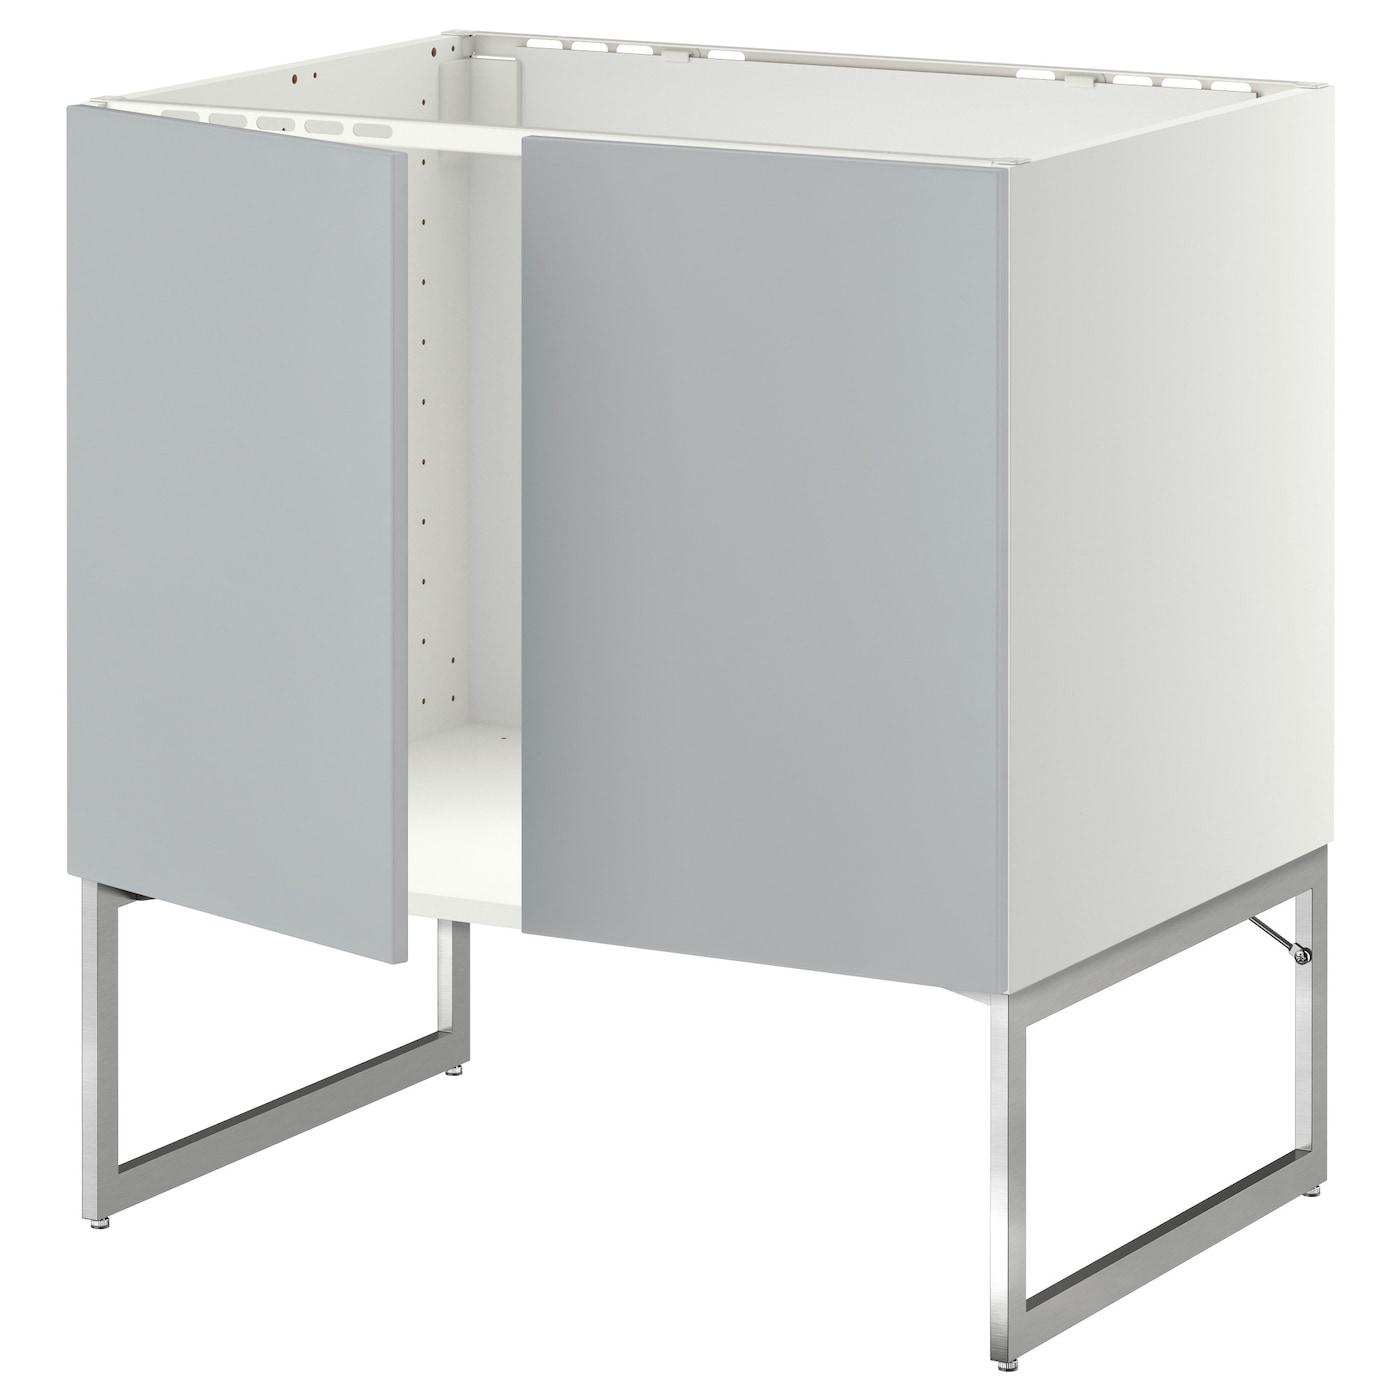 Metod Base Cabinet For Sink Black Järsta Orange 60x60 Cm: METOD Base Cabinet For Sink + 2 Doors White/veddinge Grey